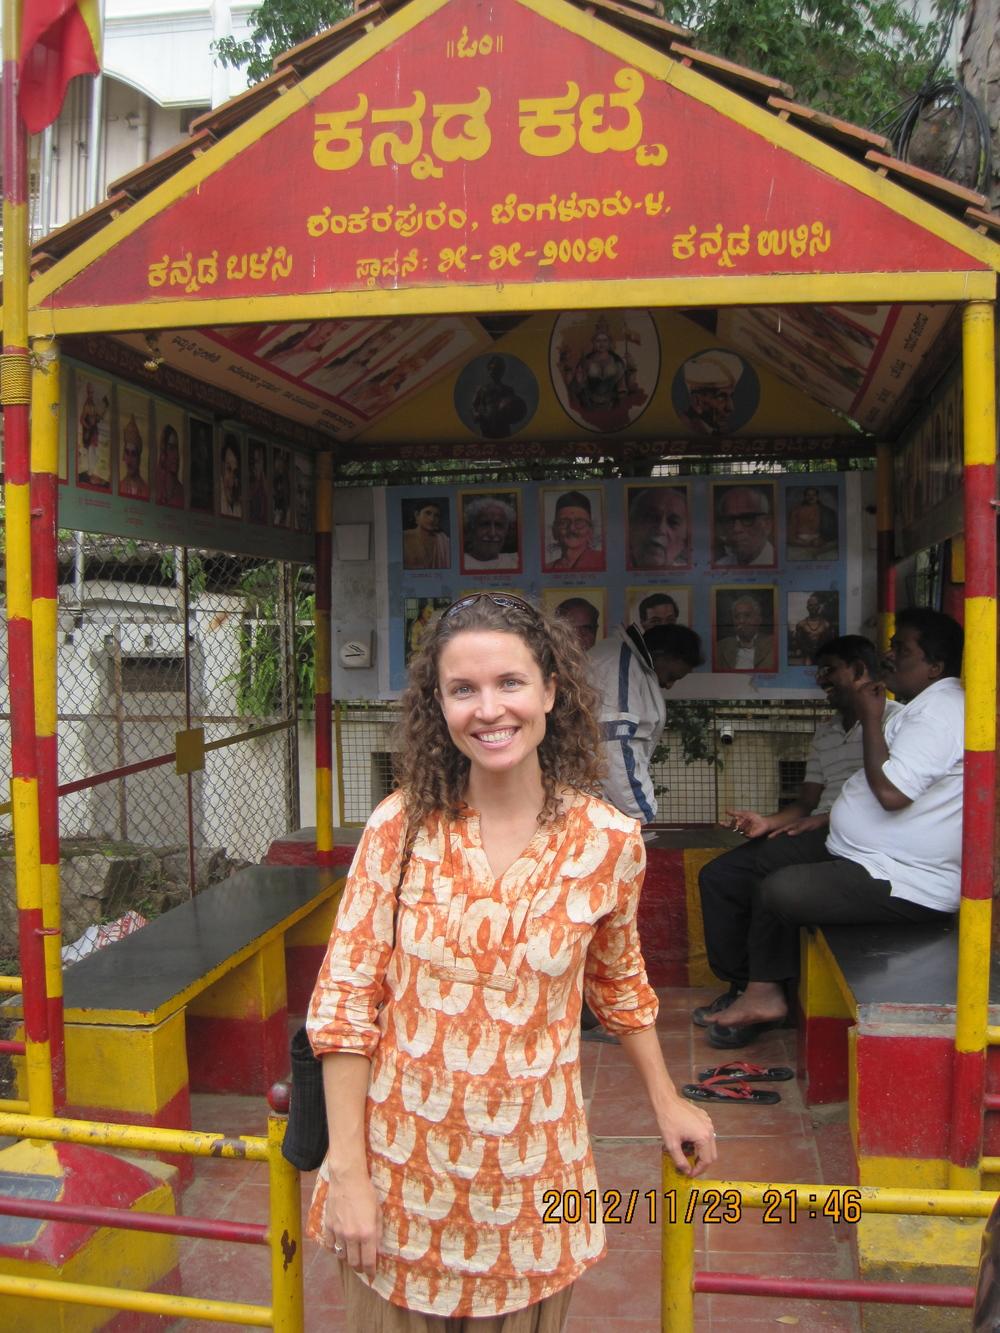 kannada shed.jpg